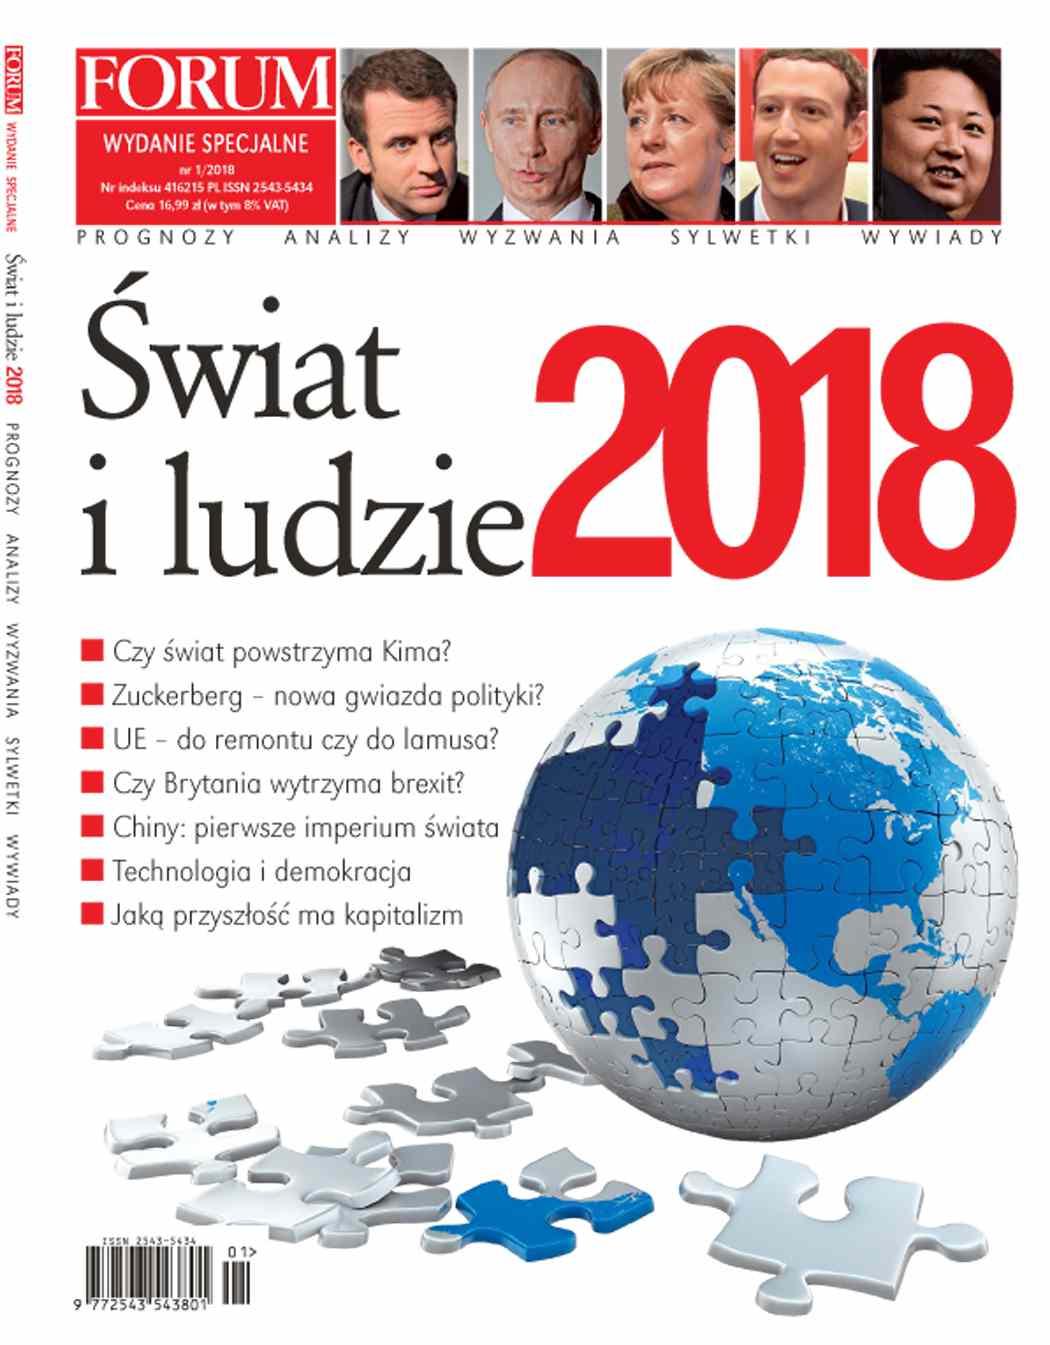 Forum Wydanie Specjalne Świat i Ludzie nr 1/2018 - Ebook (Książka PDF) do pobrania w formacie PDF